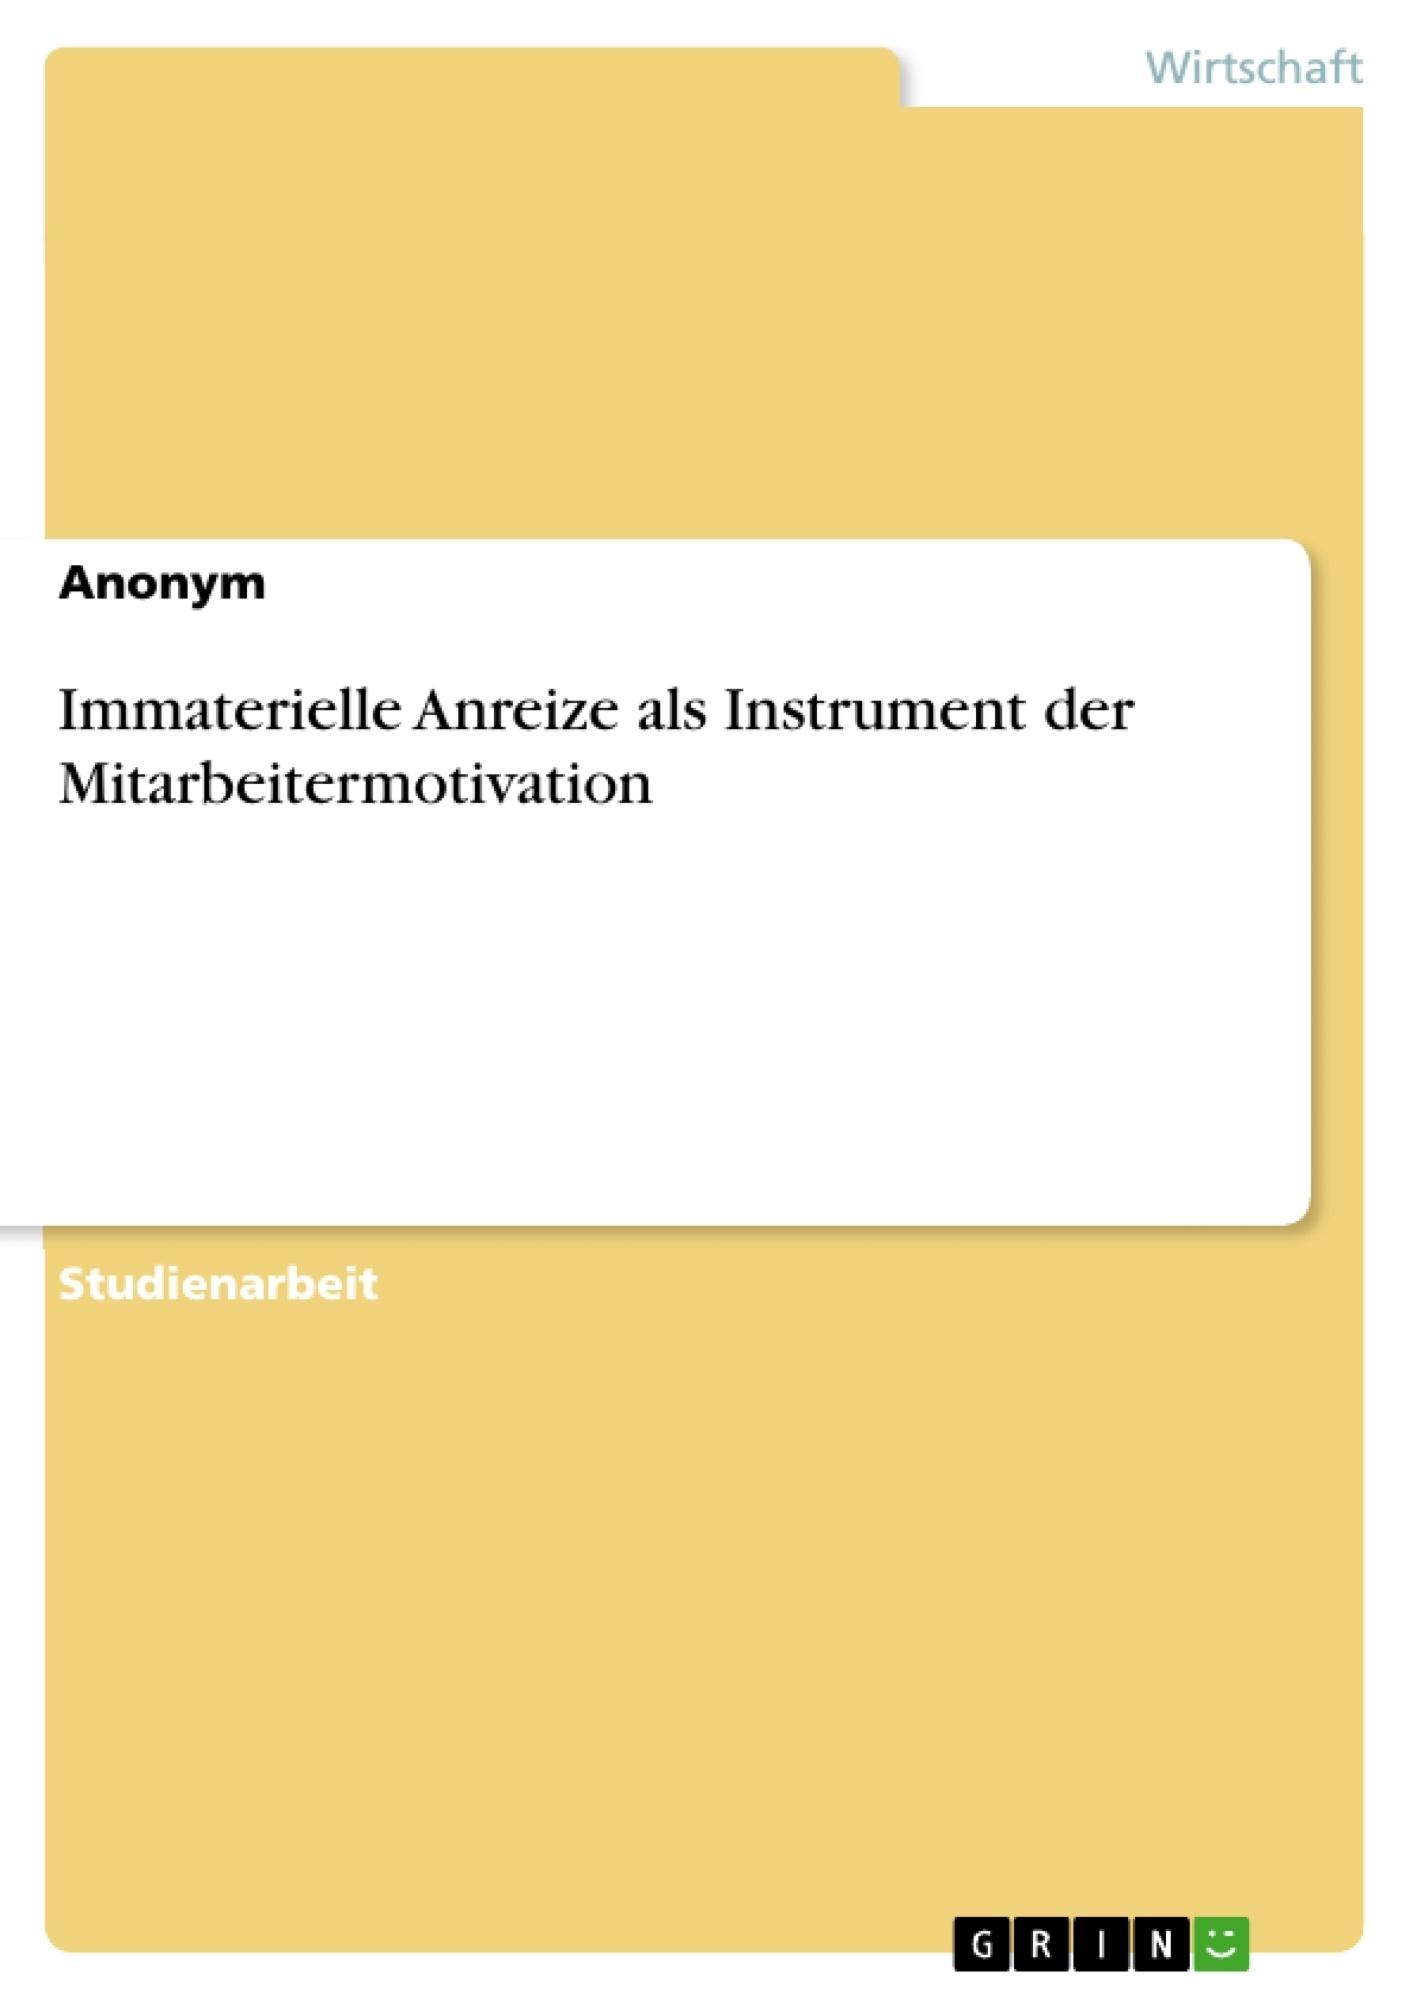 Titel: Immaterielle Anreize als Instrument der Mitarbeitermotivation